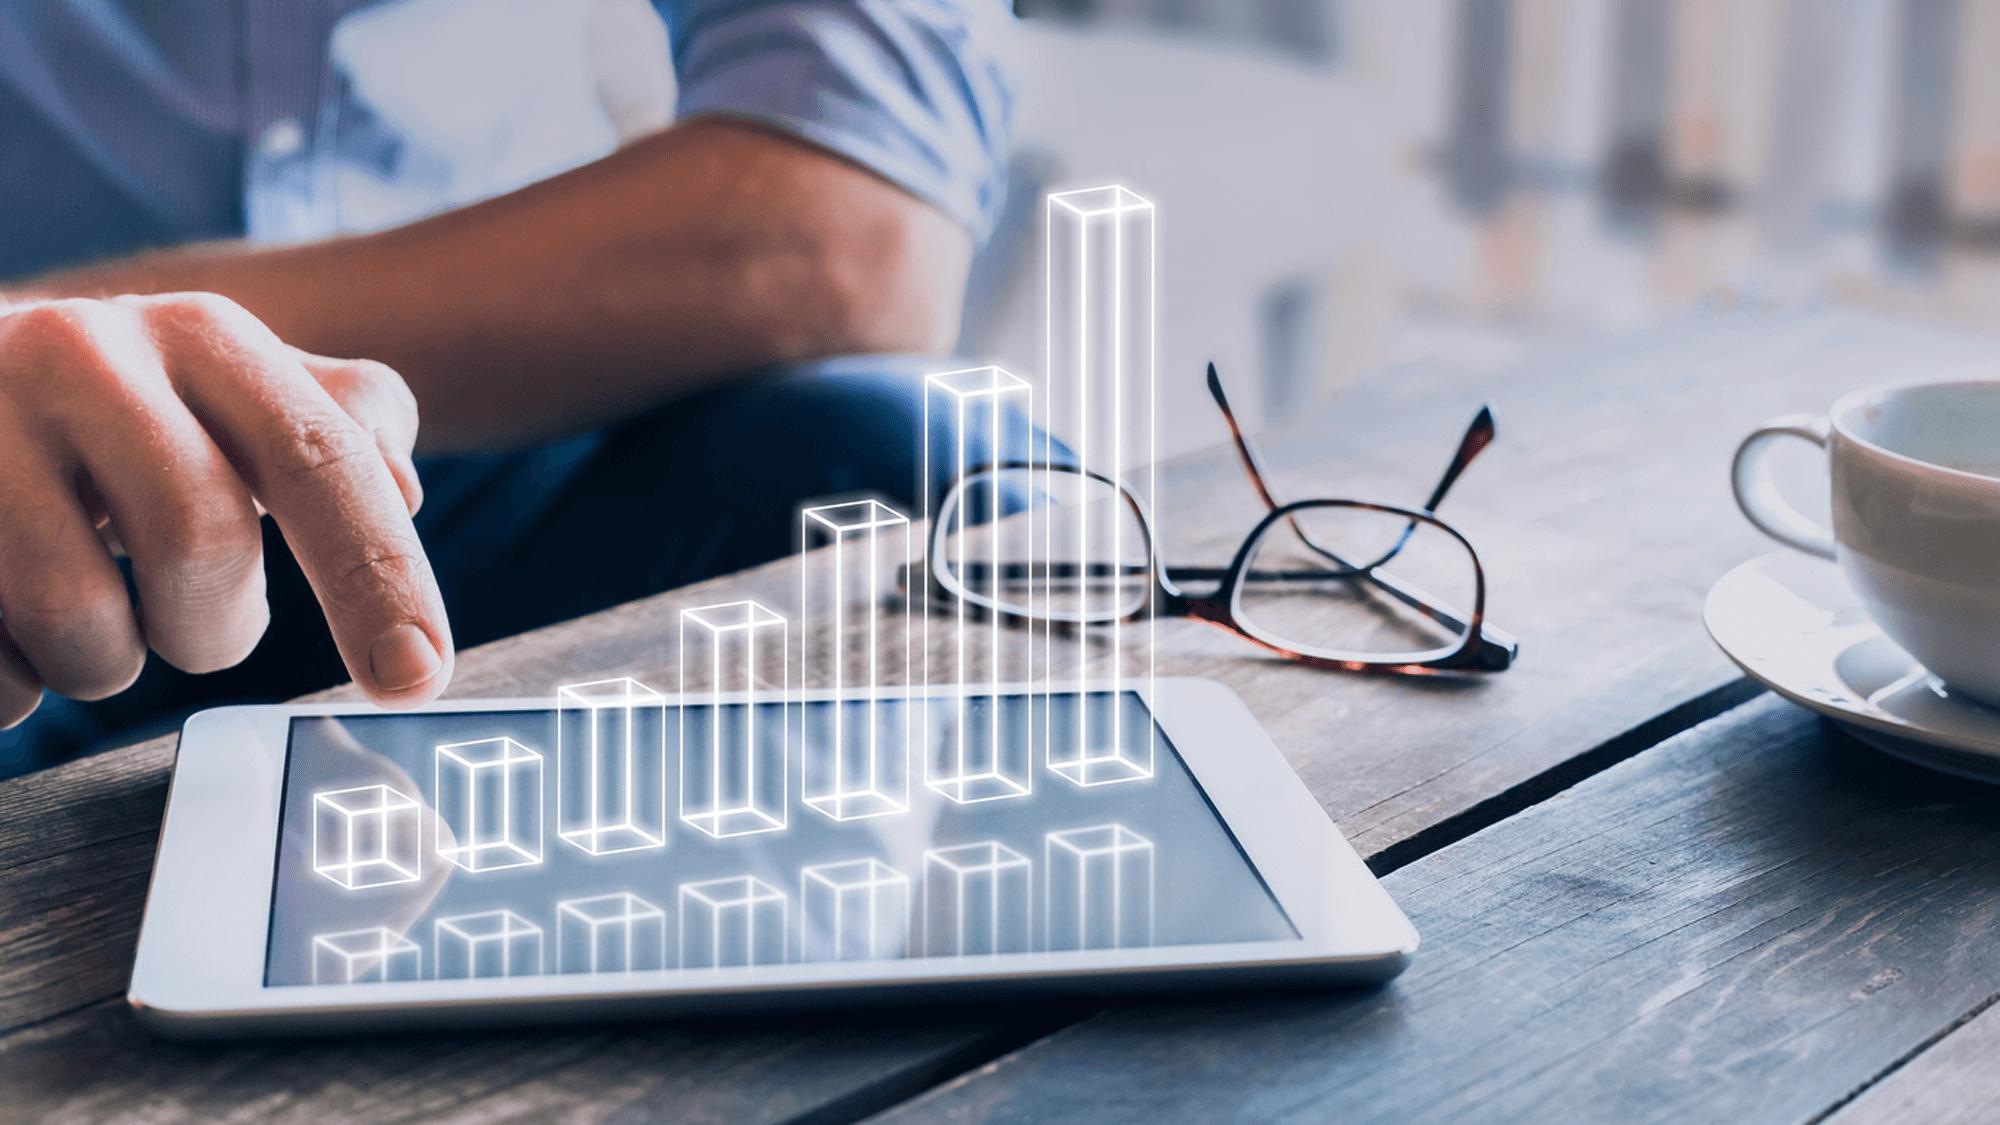 De intelligente organisatie | NIEUW | verfrissende blik op data